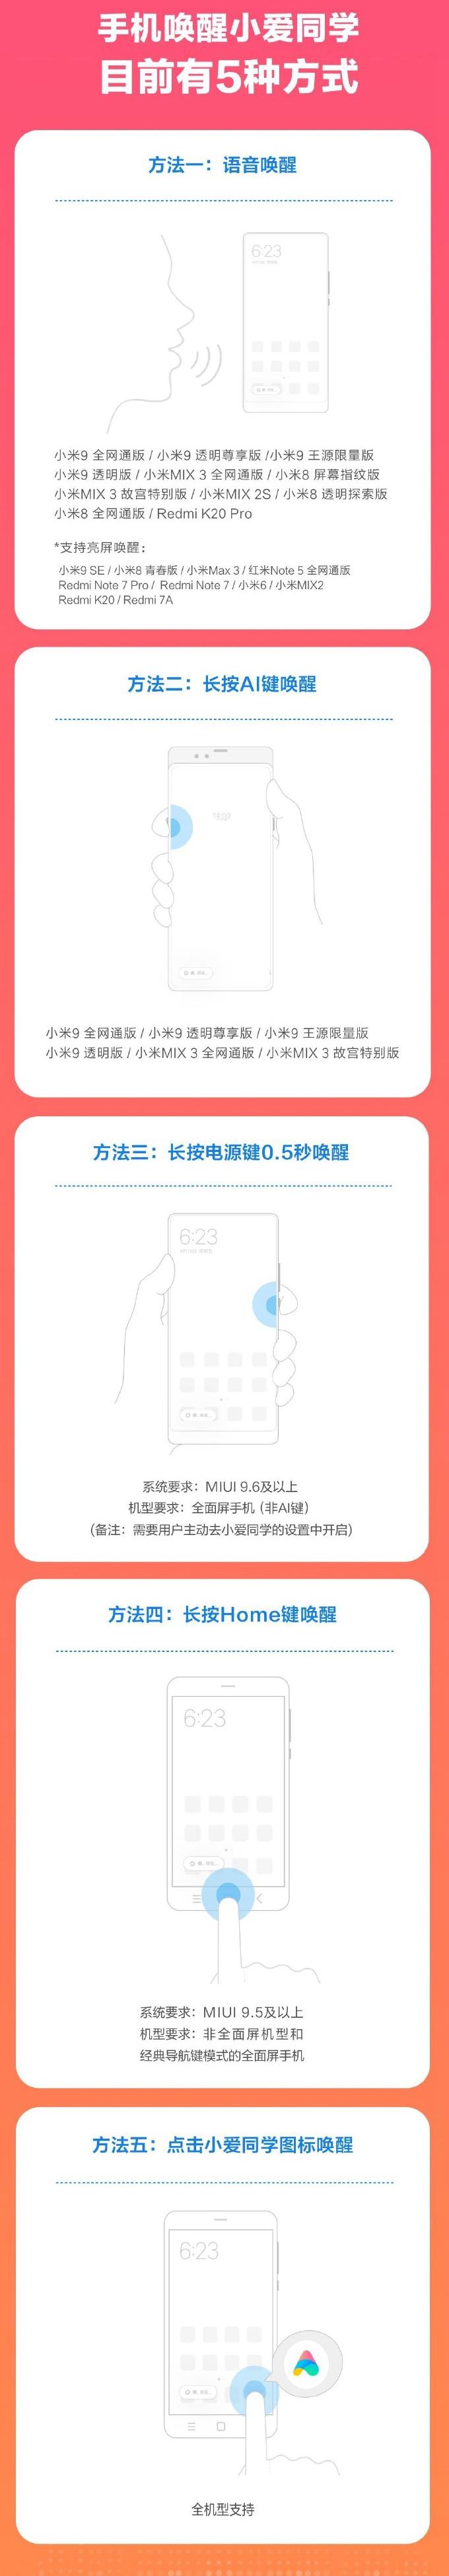 终于来了,小米MIX2/Redmi K20/7A新增支持亮屏唤醒小爱同学